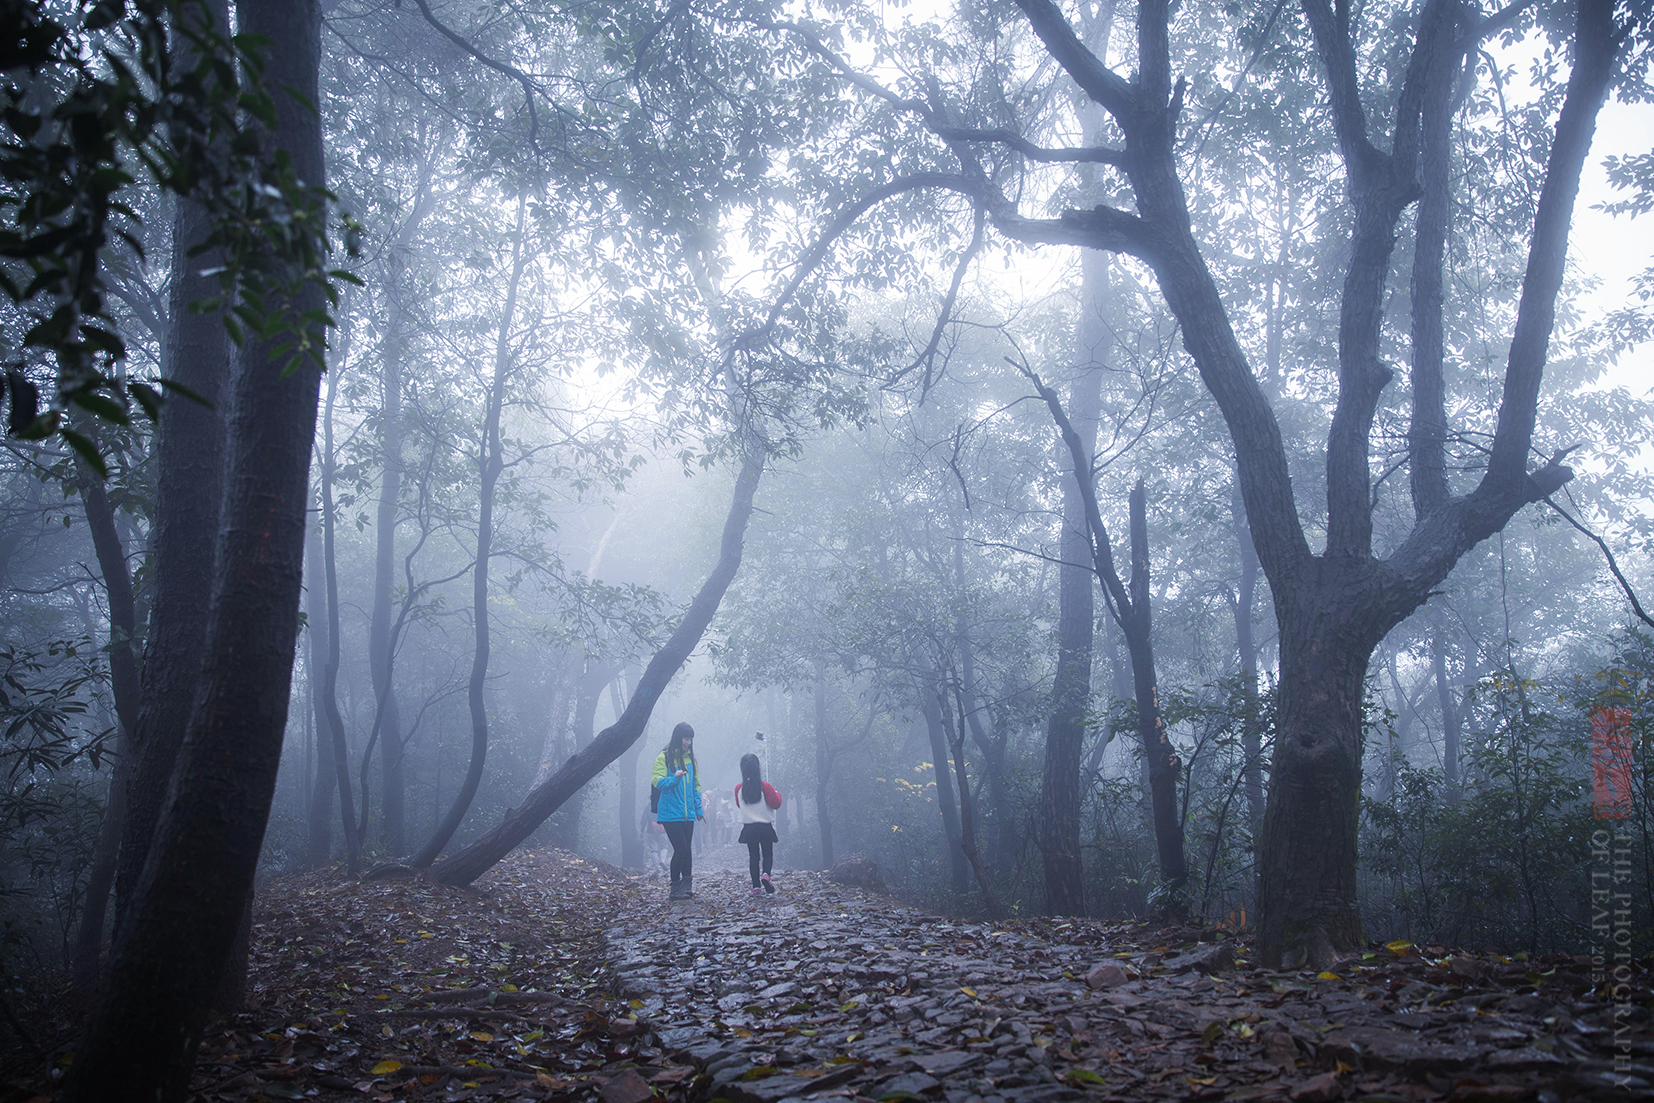 古时挑货郎的近道,如今成了杭州最美登山线路 - 寒残一叶 - 寒残一叶的博客